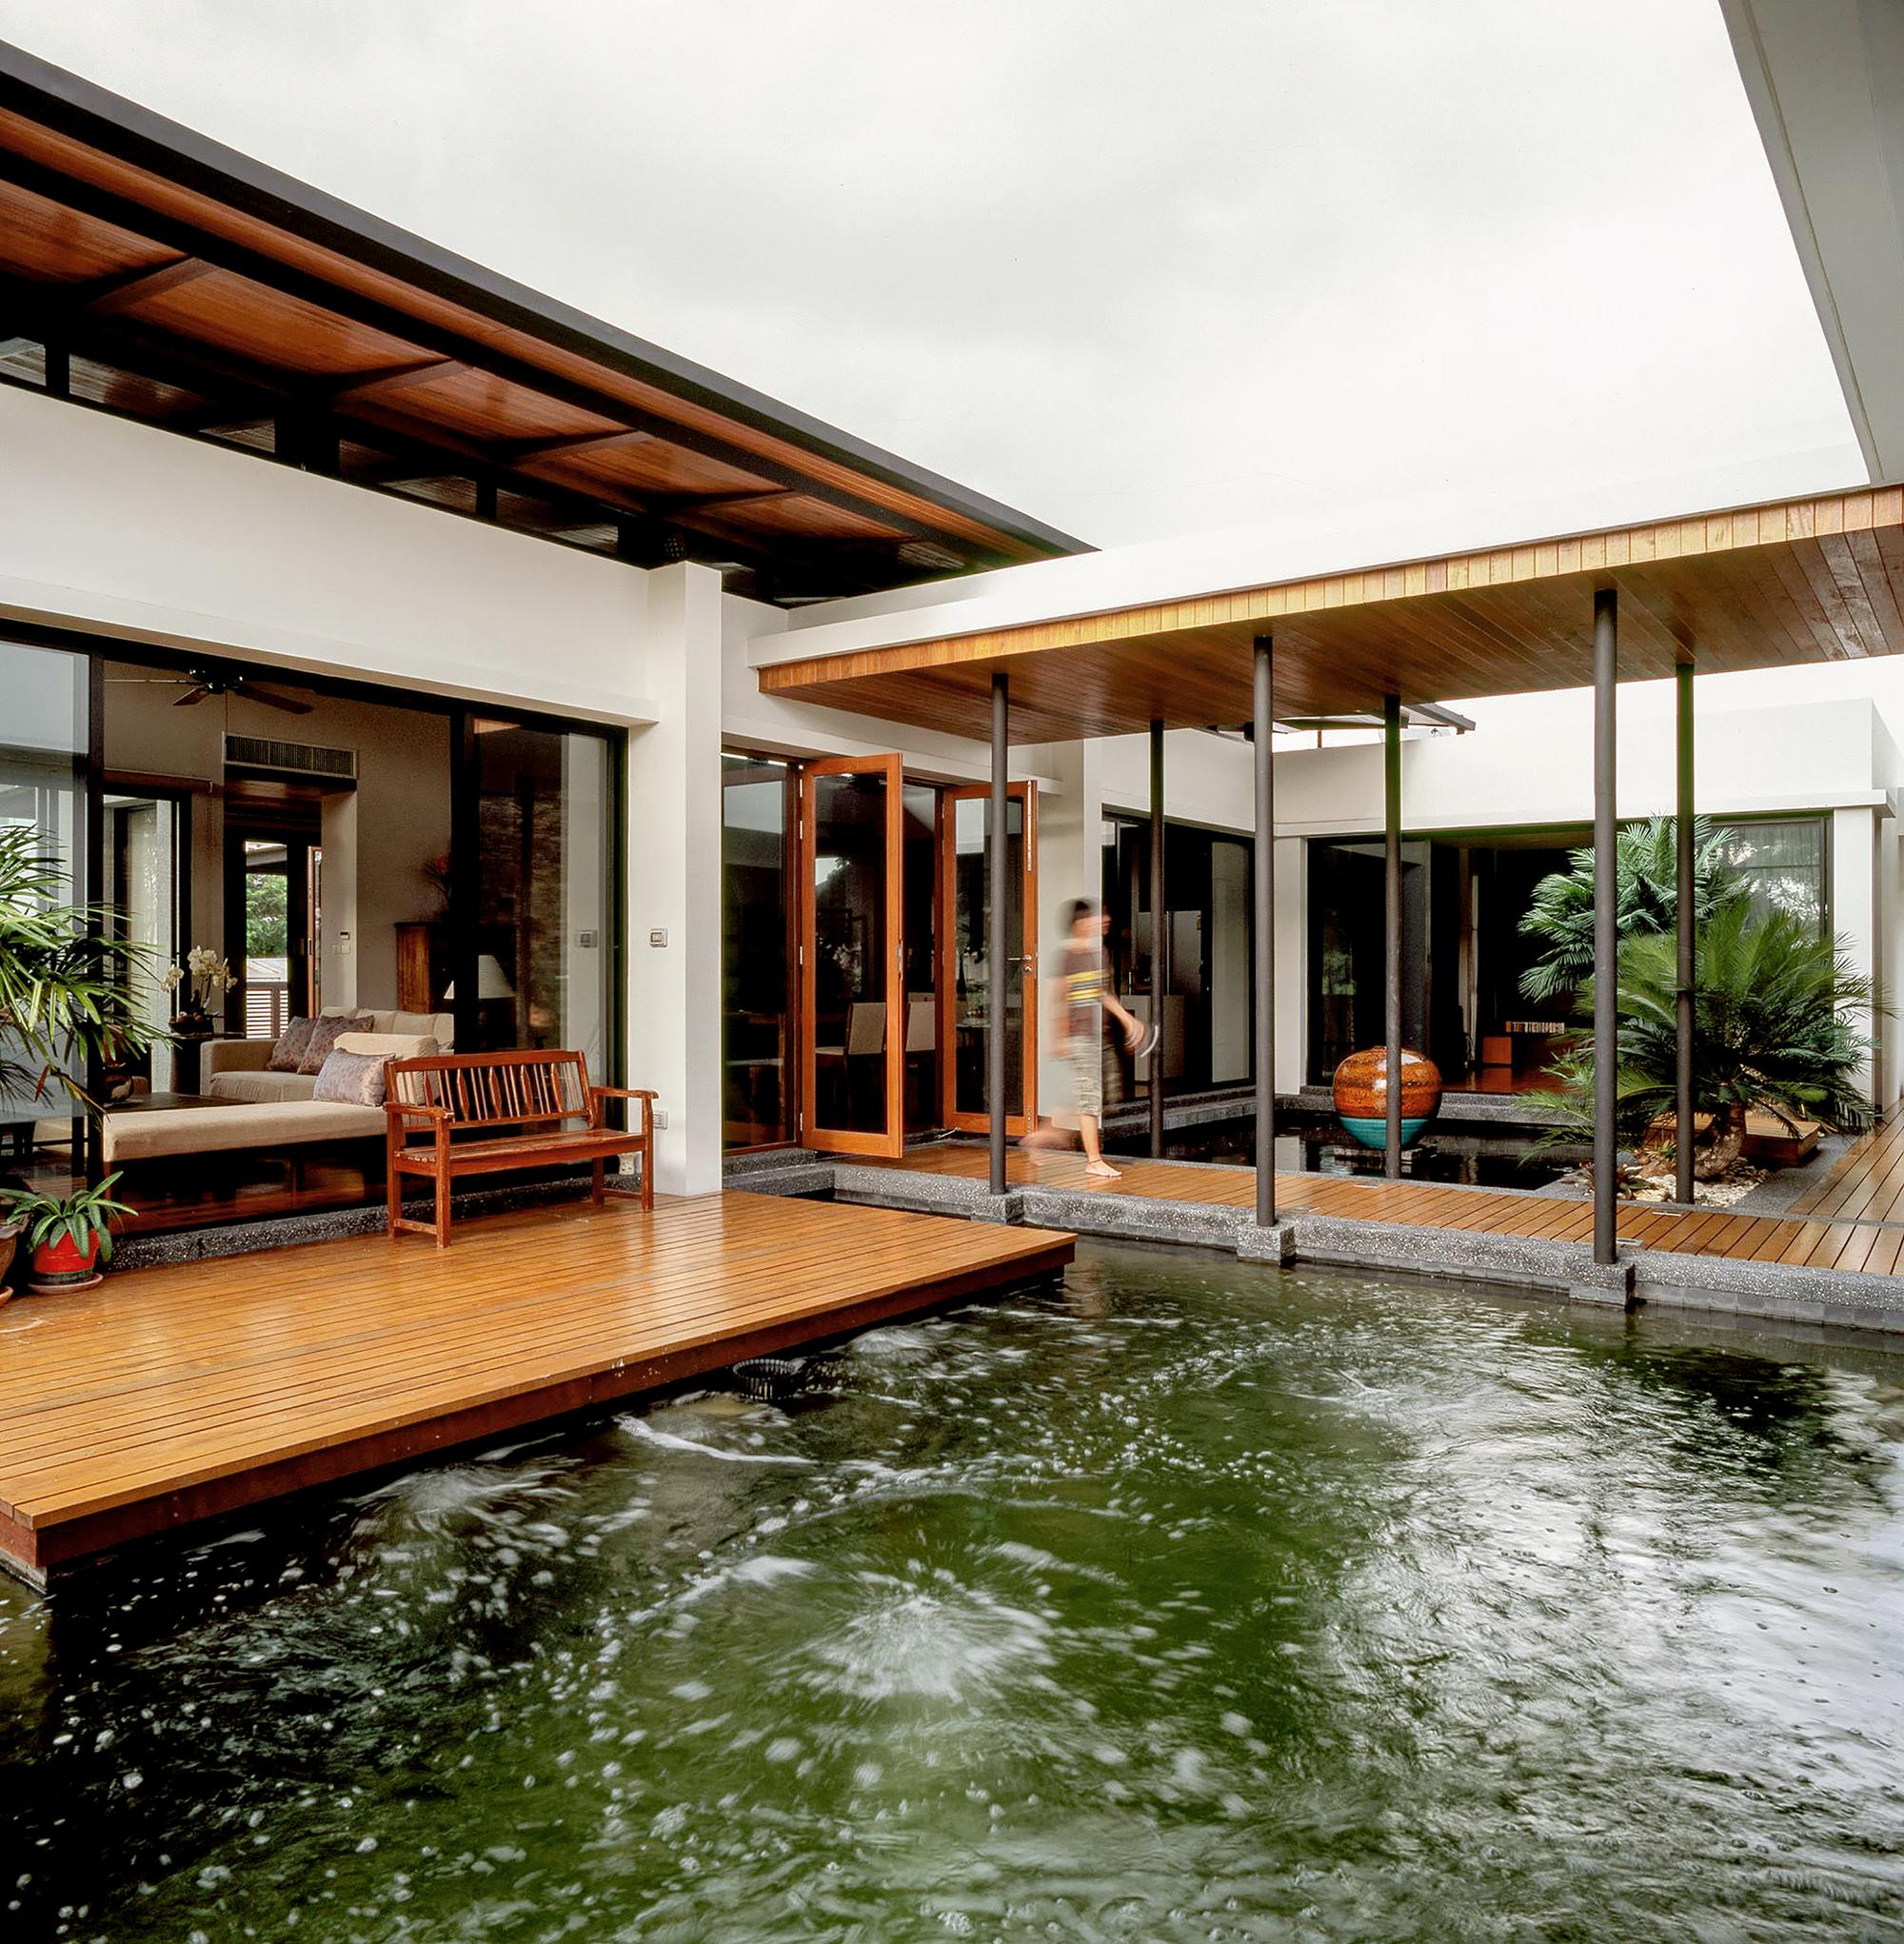 Casa Natureza Junsekino Architect And Design Archdaily